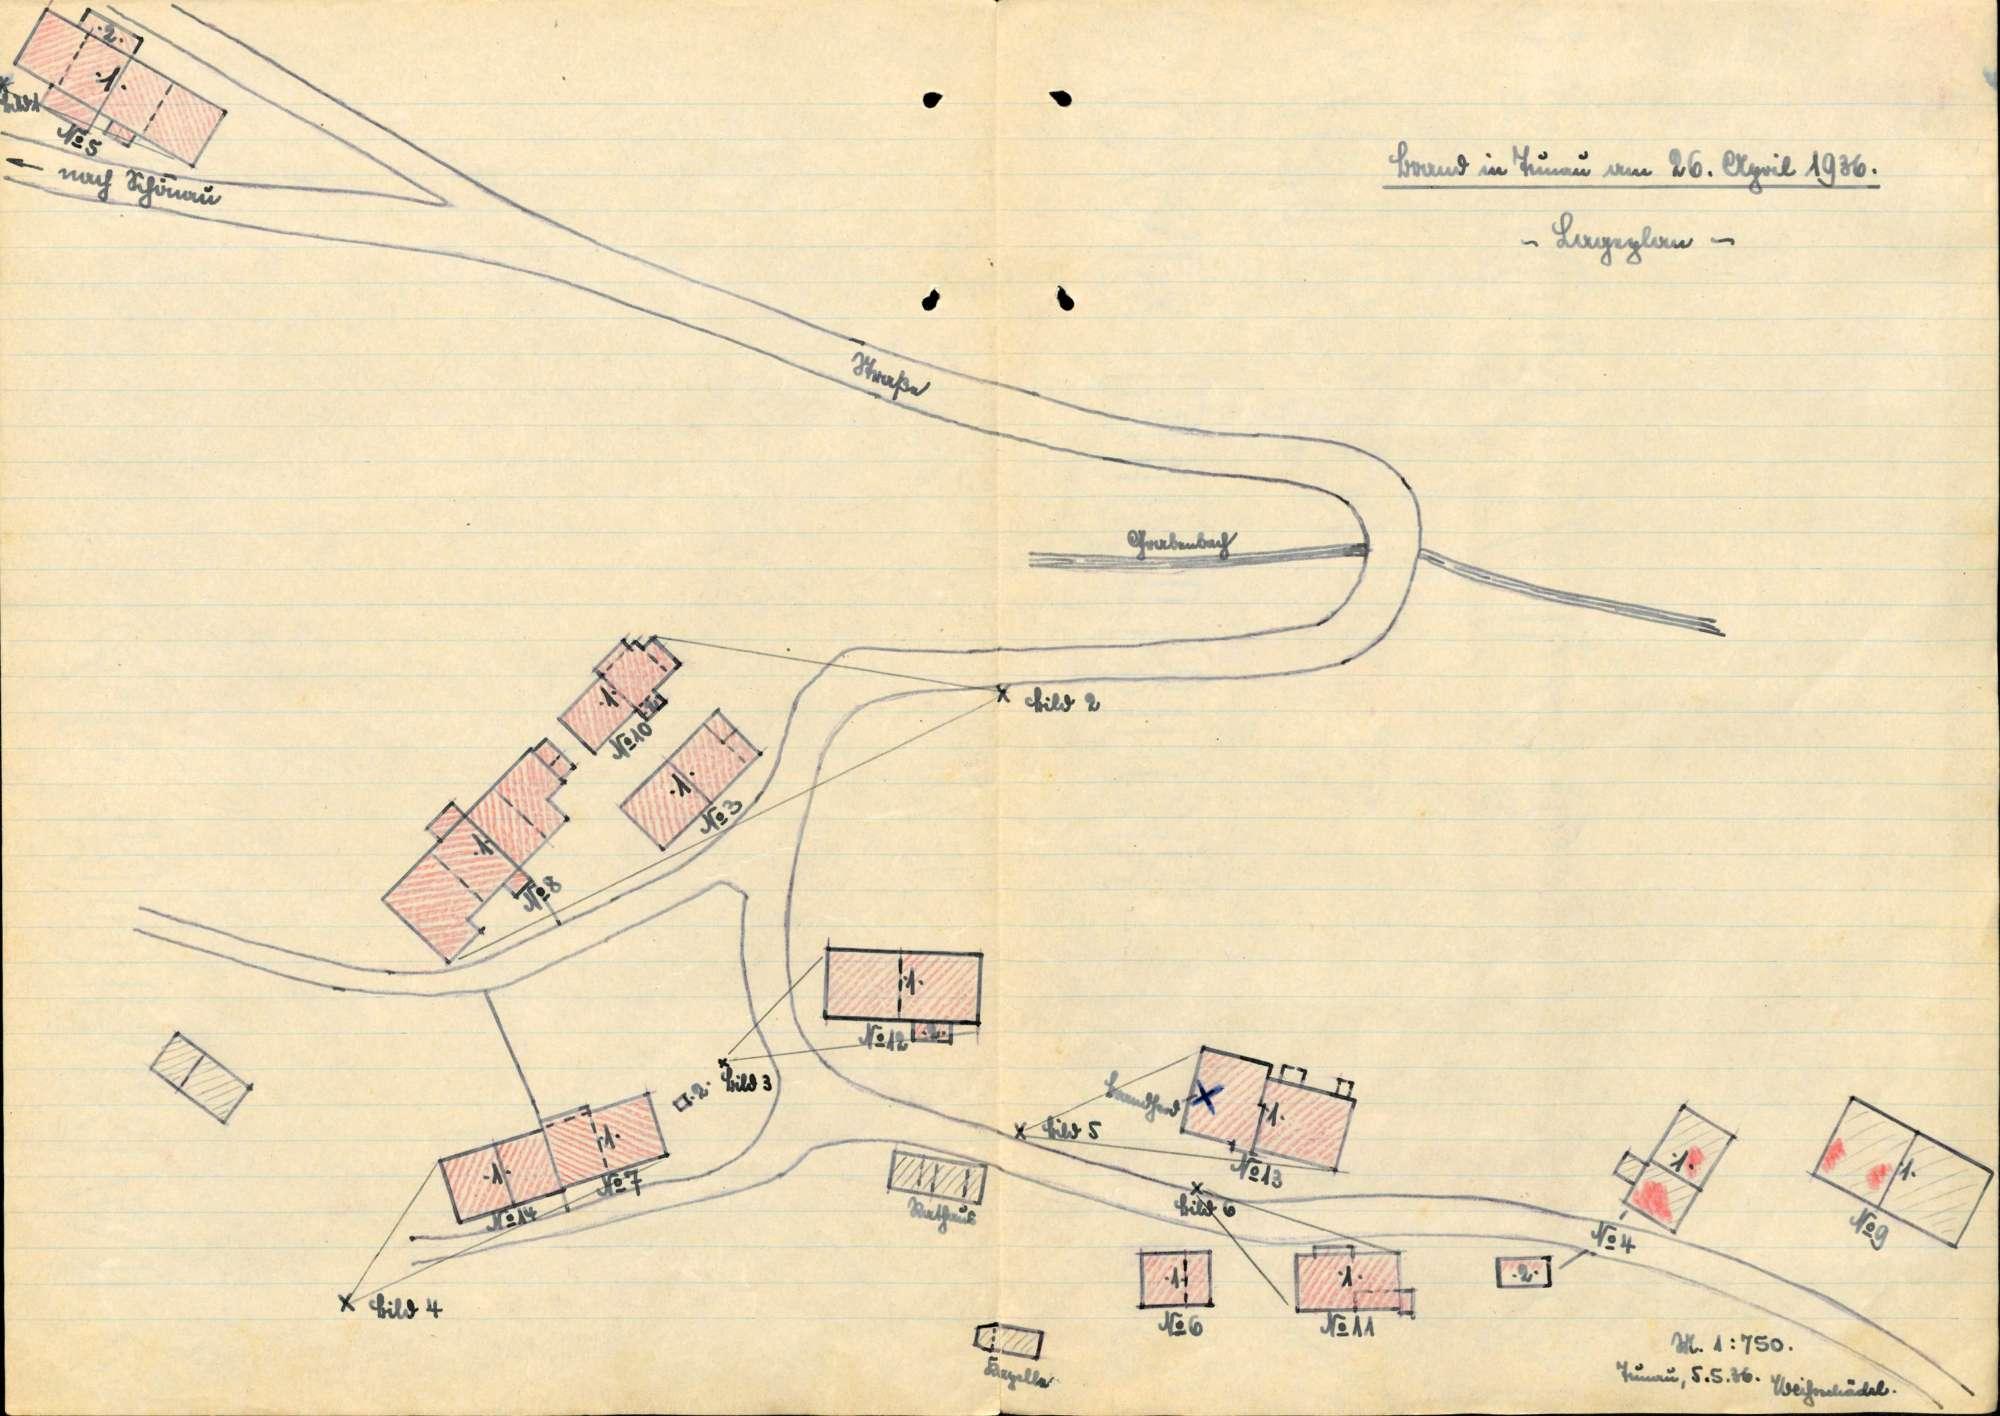 Arbeit des Hilfswerks Tunau nach dem Brand in Tunau vom 26.April 1936; Wiederaufbau des abgebrannten Ortes, Bild 1